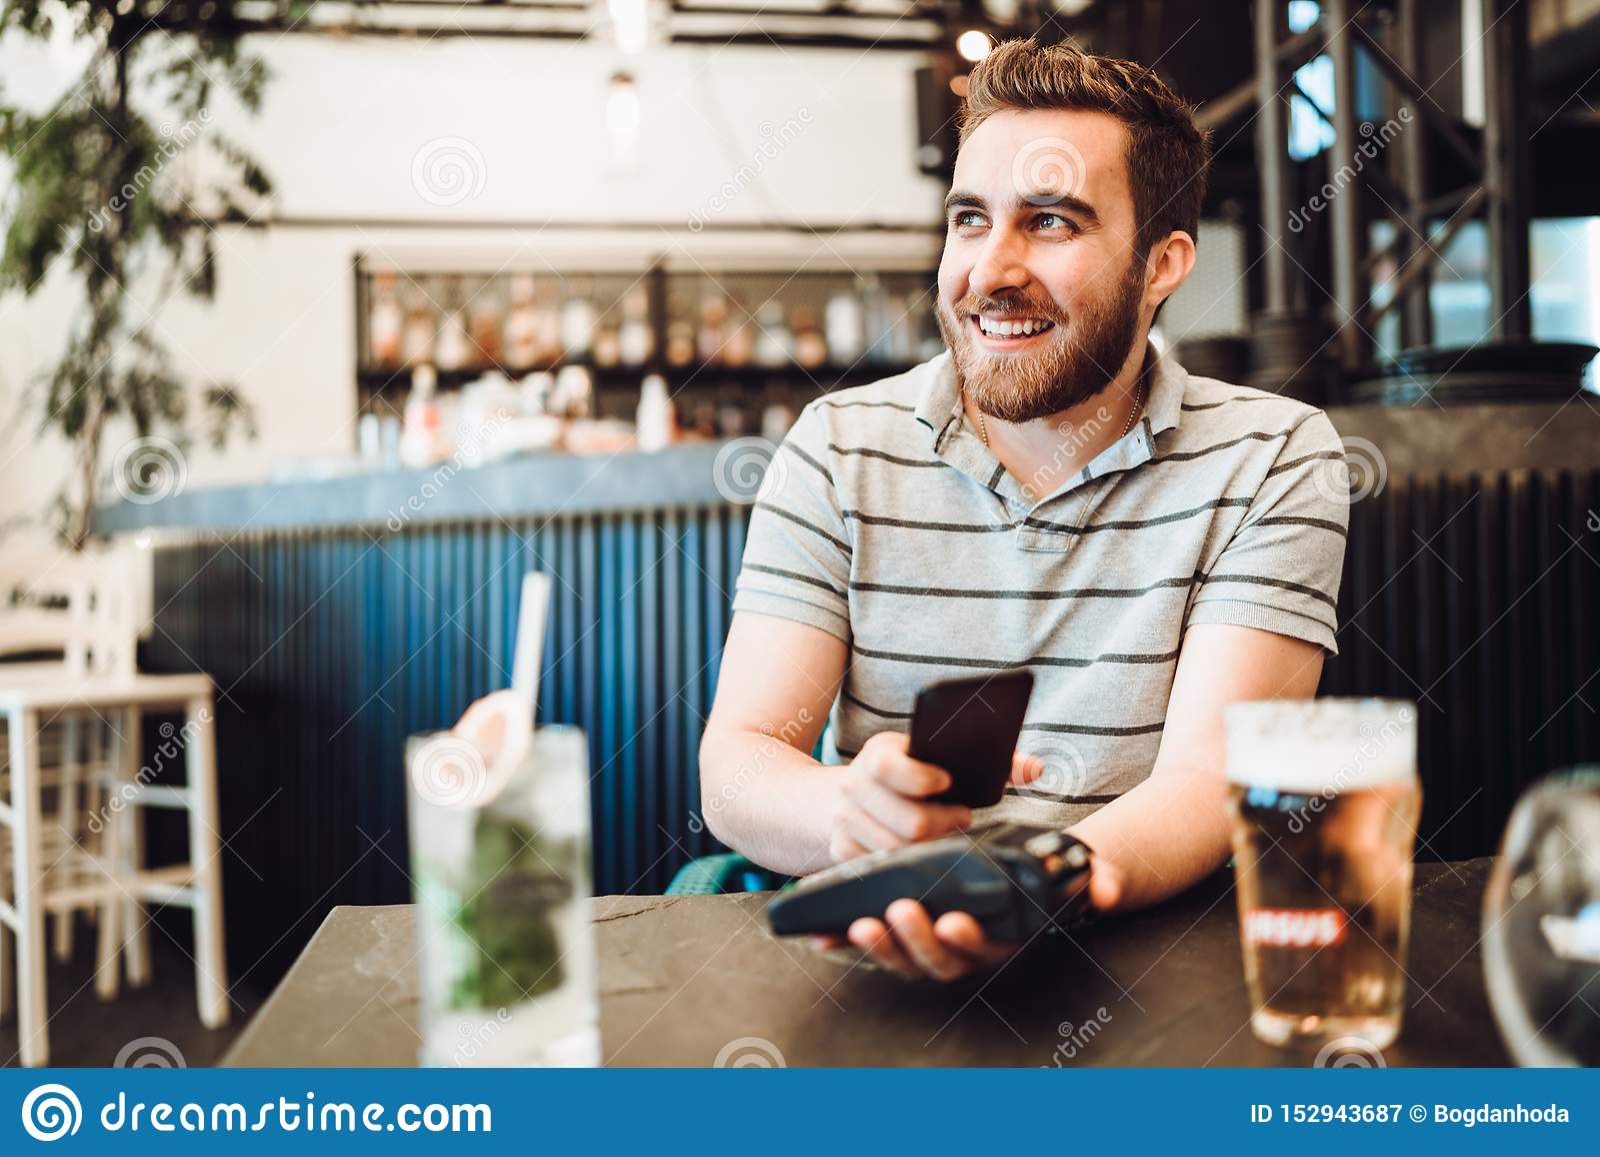 Uomo bello sorridente che paga al ristorante facendo uso della tecnologia mobile di paga, sistema di pagamento moderno del nfc